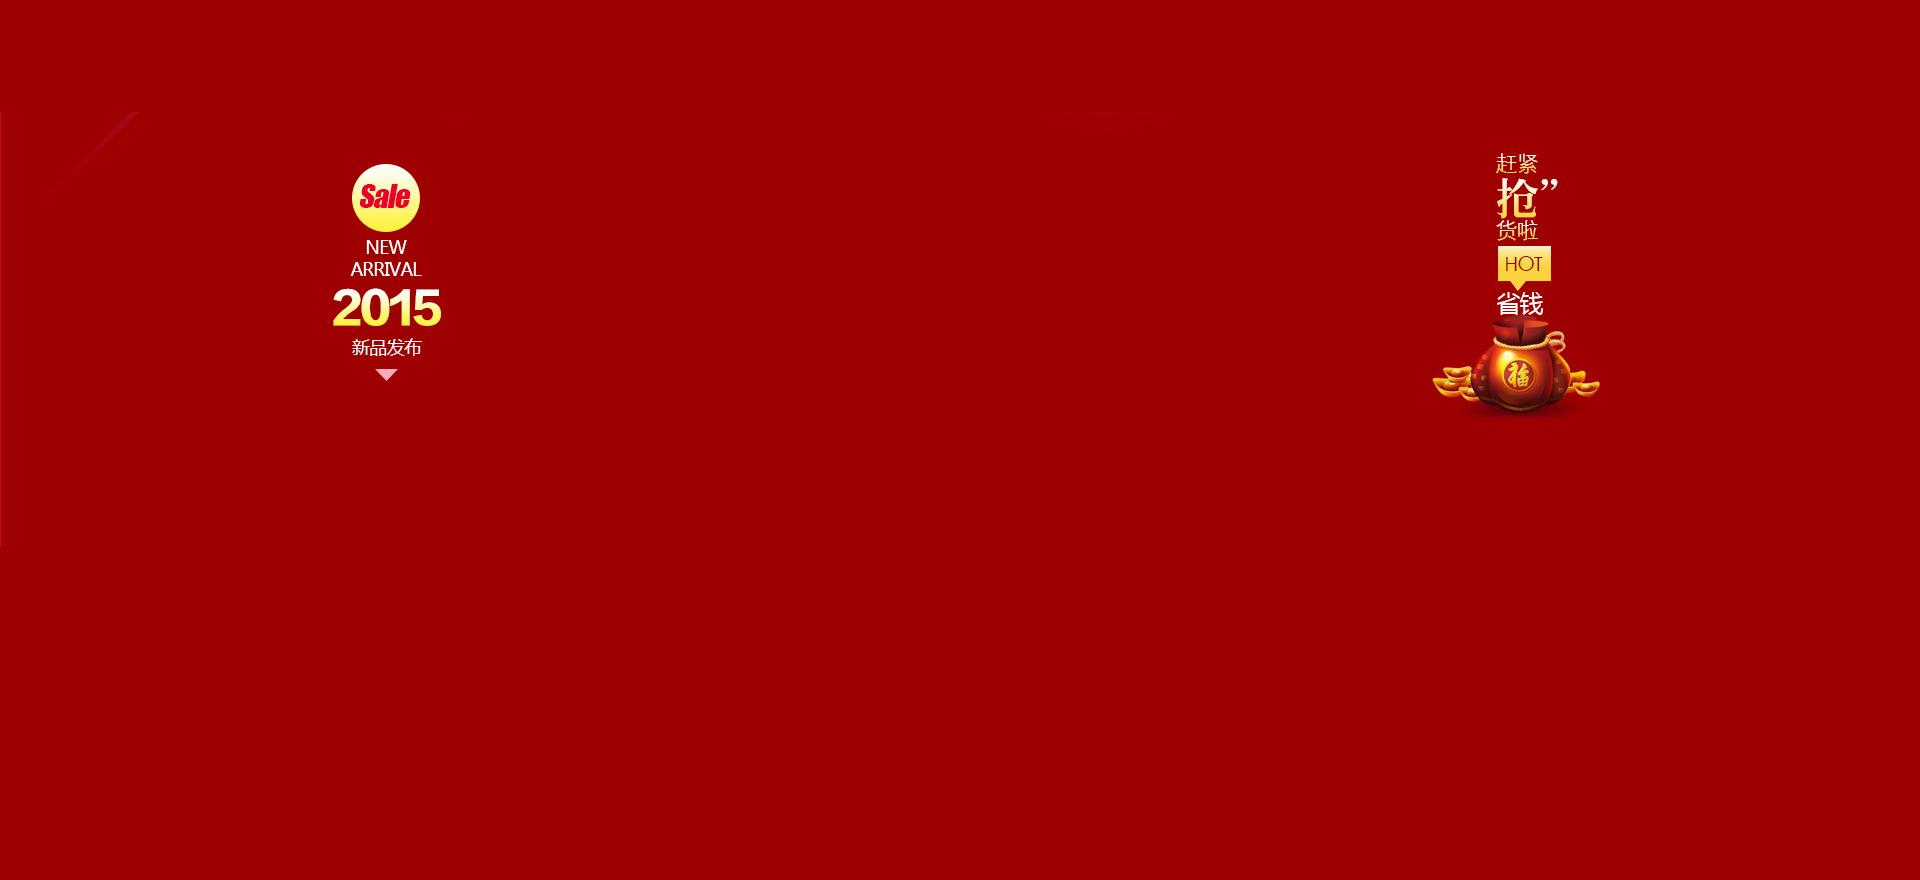 1战新品发布赶紧抢货福袋元宝通用免费淘宝店铺装修全屏背景素材图片